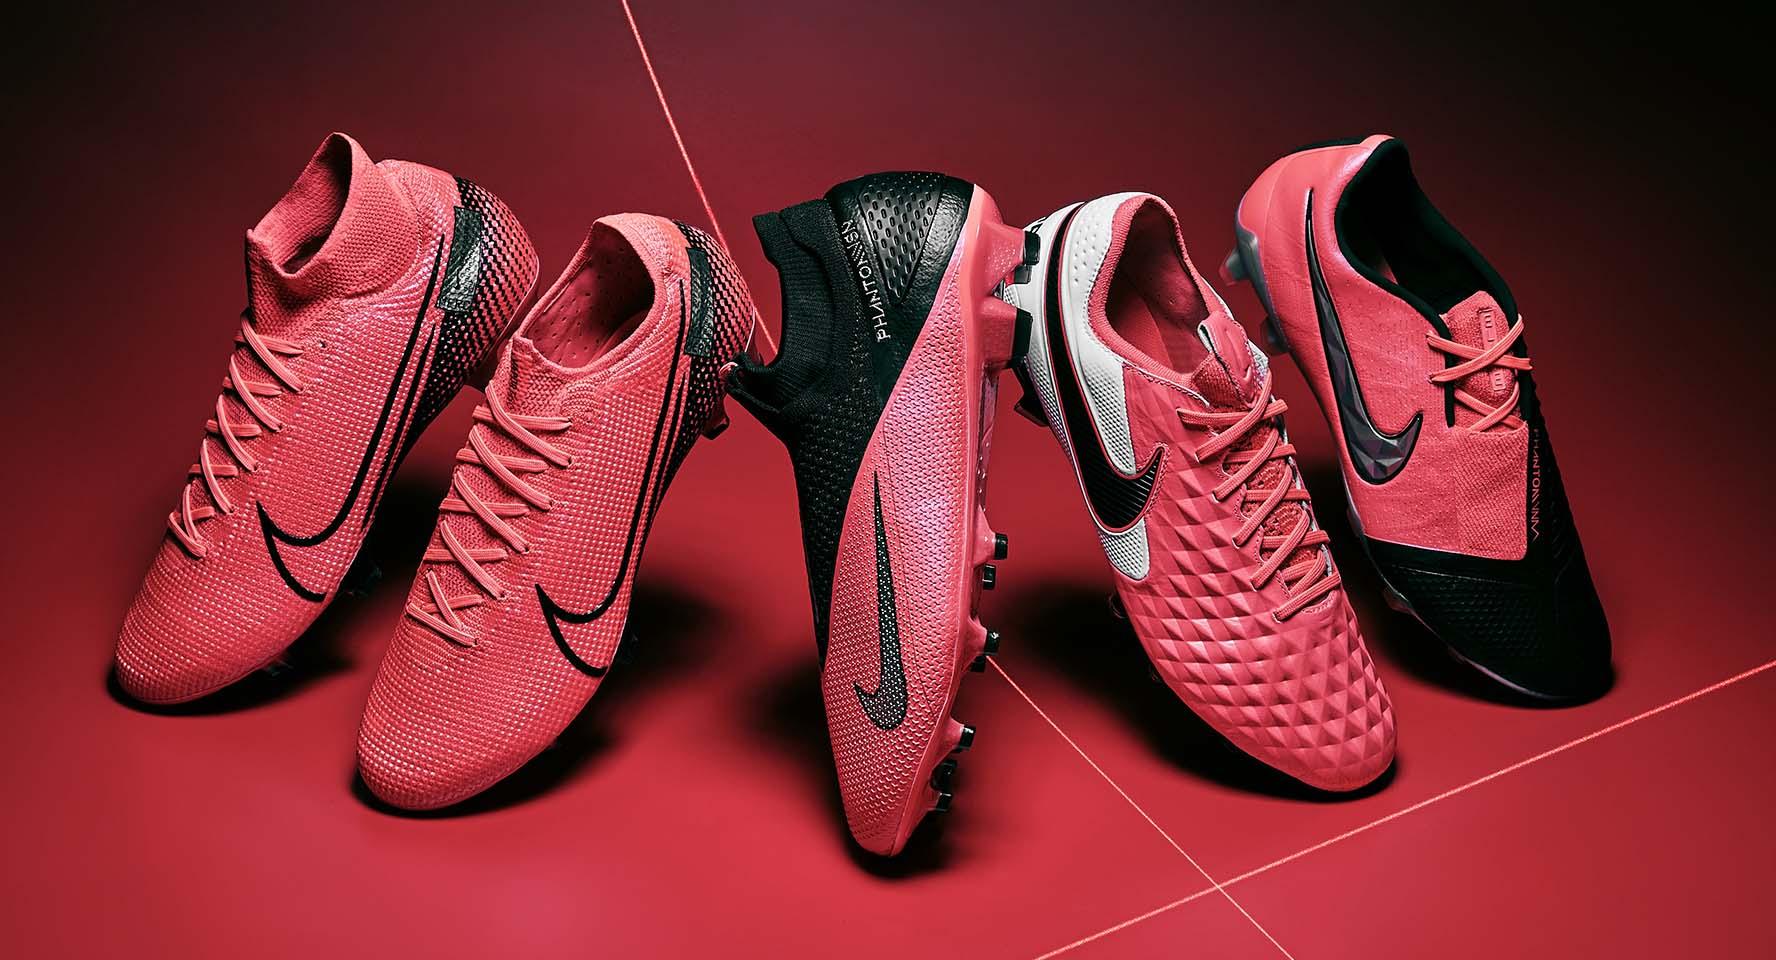 Các dòng giày đá bóng Nike chính hãng được các cầu thủ chuyên nghiệp sử dụng